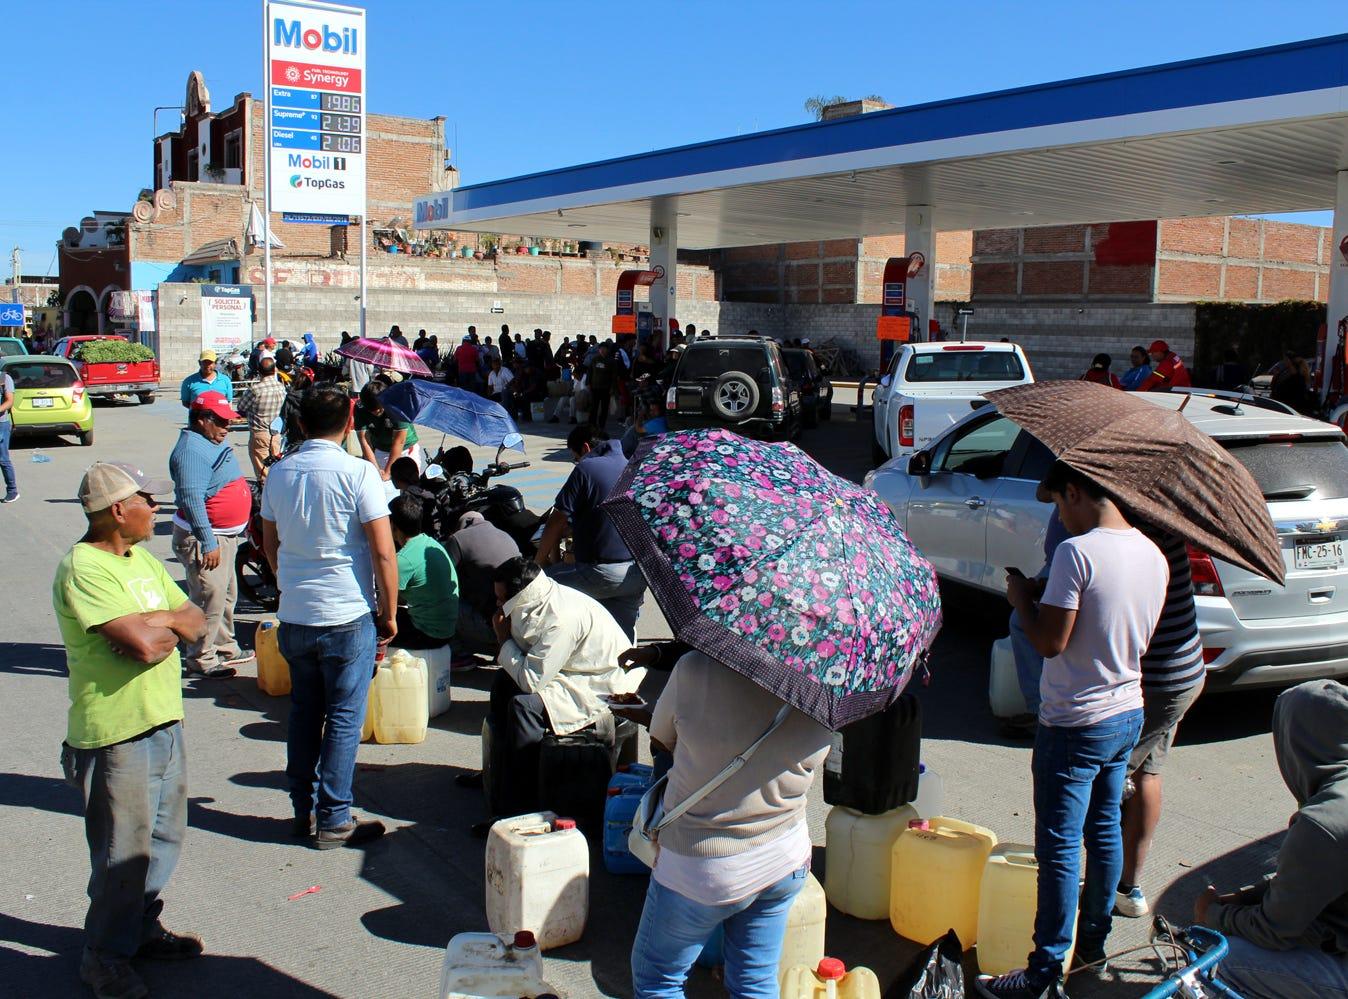 El desabasto de gasolina se agravó en el Valle de México y en otras 10 entidades de país. Sectores industriales y comerciales comenzaron a reportar pérdidas y algunos servicios públicos empezaron a ser afectados seriamente. 10-Ene-2019